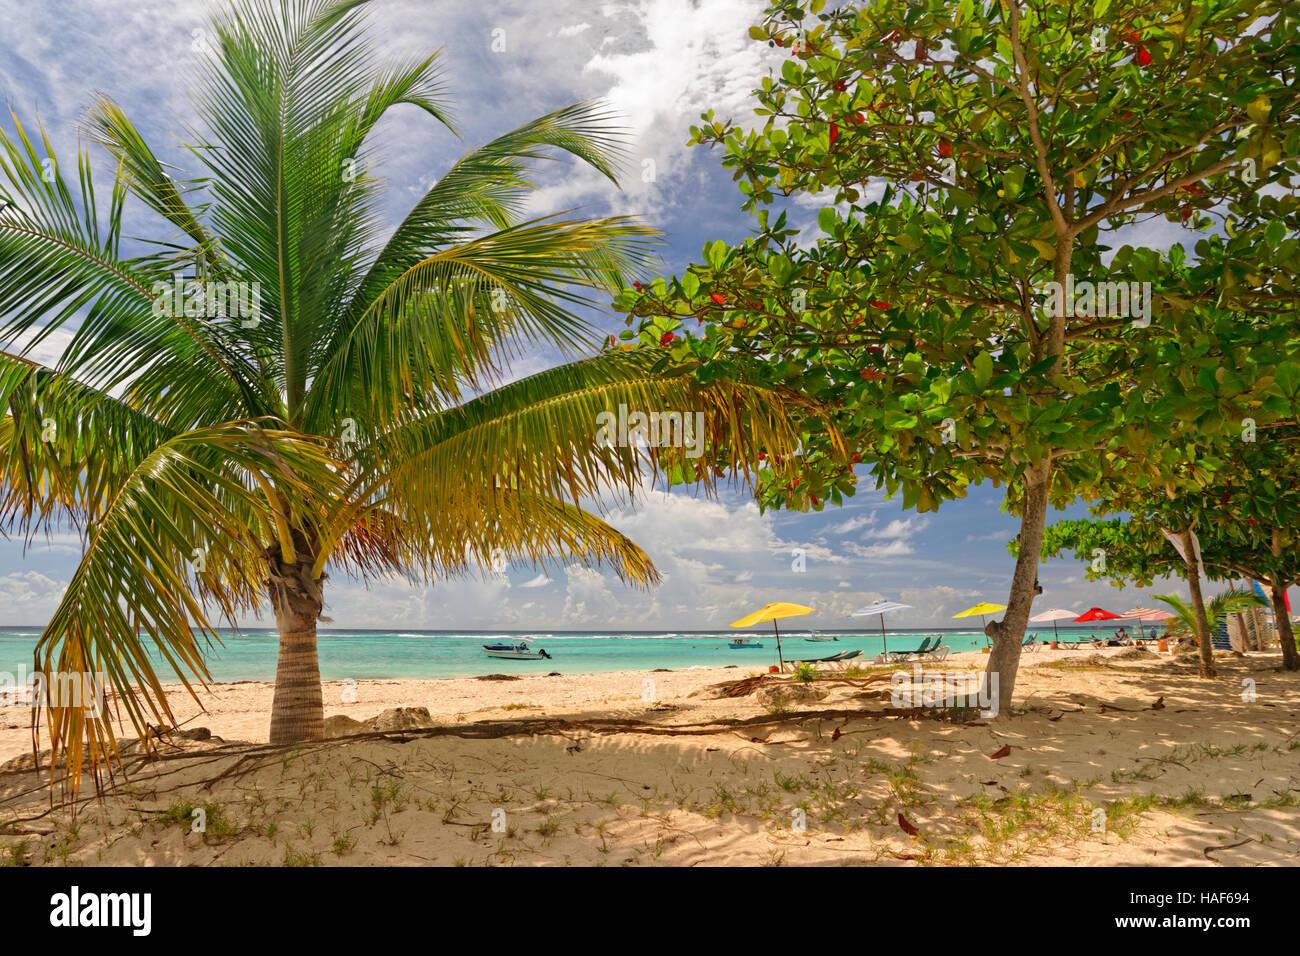 Worthing Beach en Worthing, entre St. Lawrence Gap y a Bridgetown, Barbados, el Caribe. Imagen De Stock